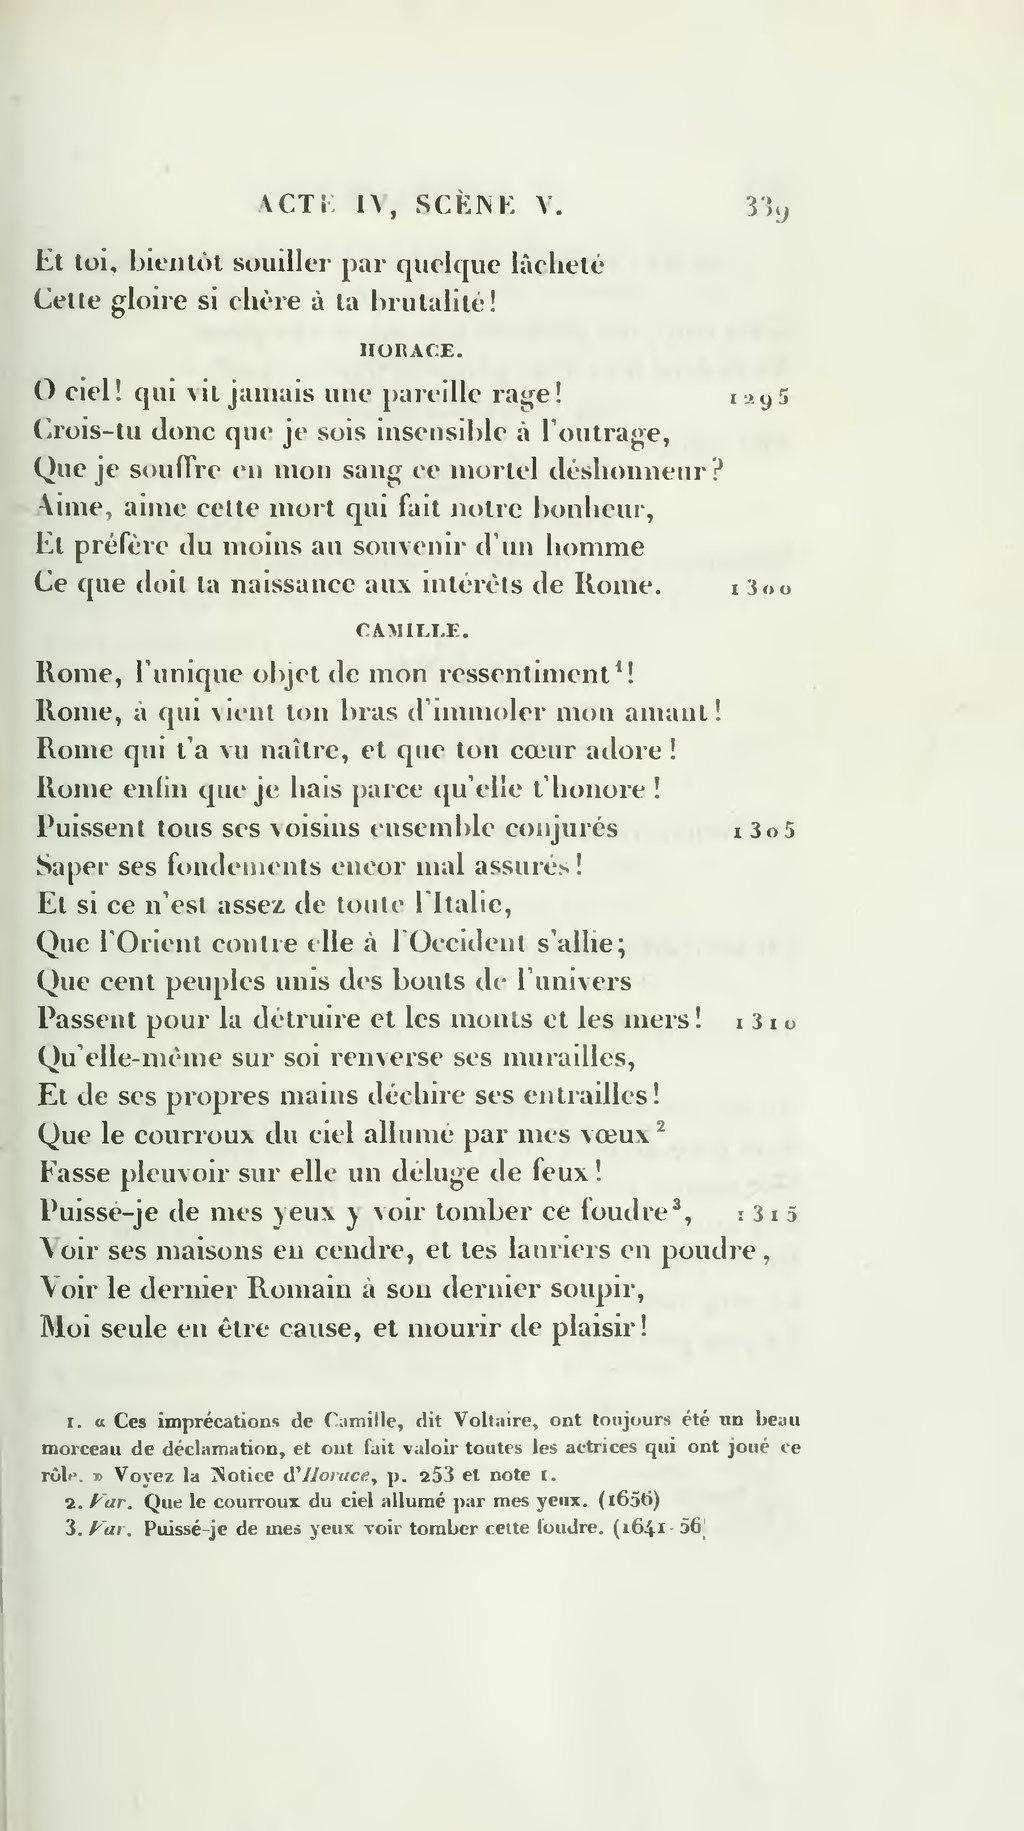 Rome Unique Objet De Mon Ressentiment : unique, objet, ressentiment, Page:Corneille,, Pierre, Œuvres,, Marty-Laveaux,, 1862,, 3.djvu/351, Wikisource